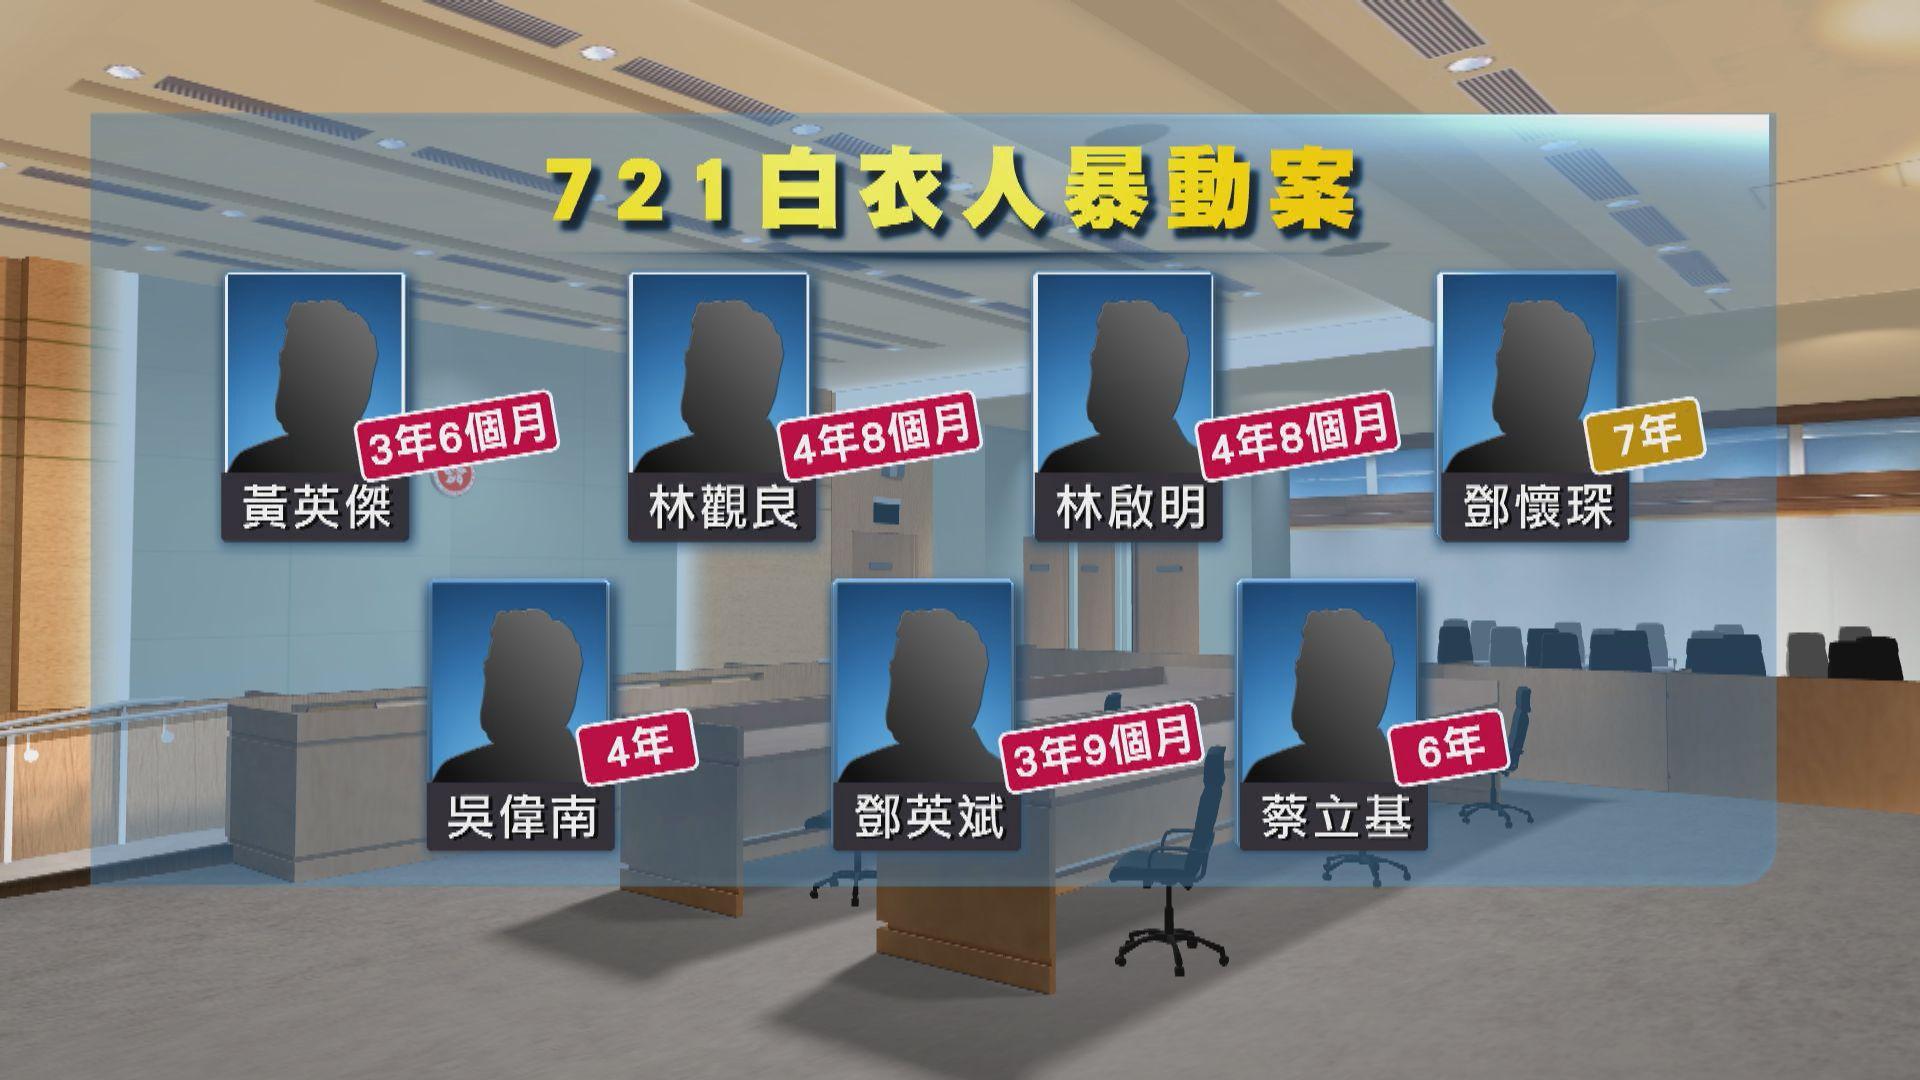 【事發兩年】元朗721白衣人案七人暴動罪成 判囚三年半至七年